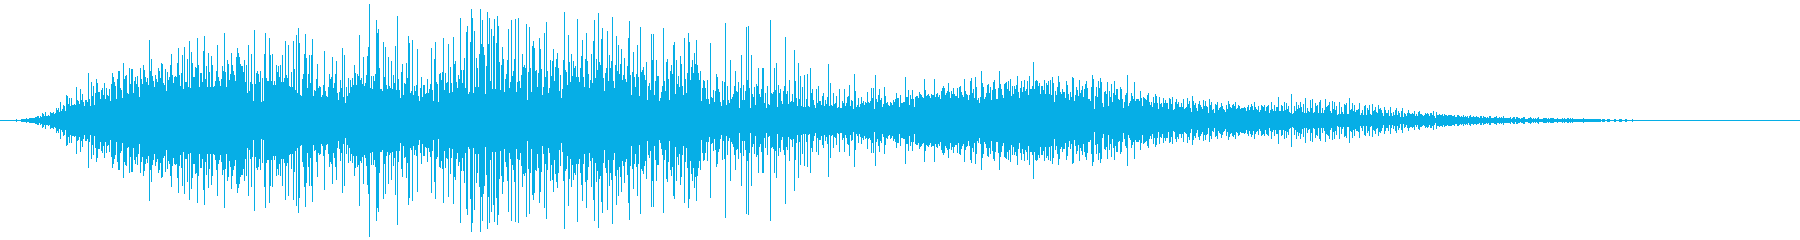 メタルシフト、液体スプレー、電子、破壊の再生済みの波形